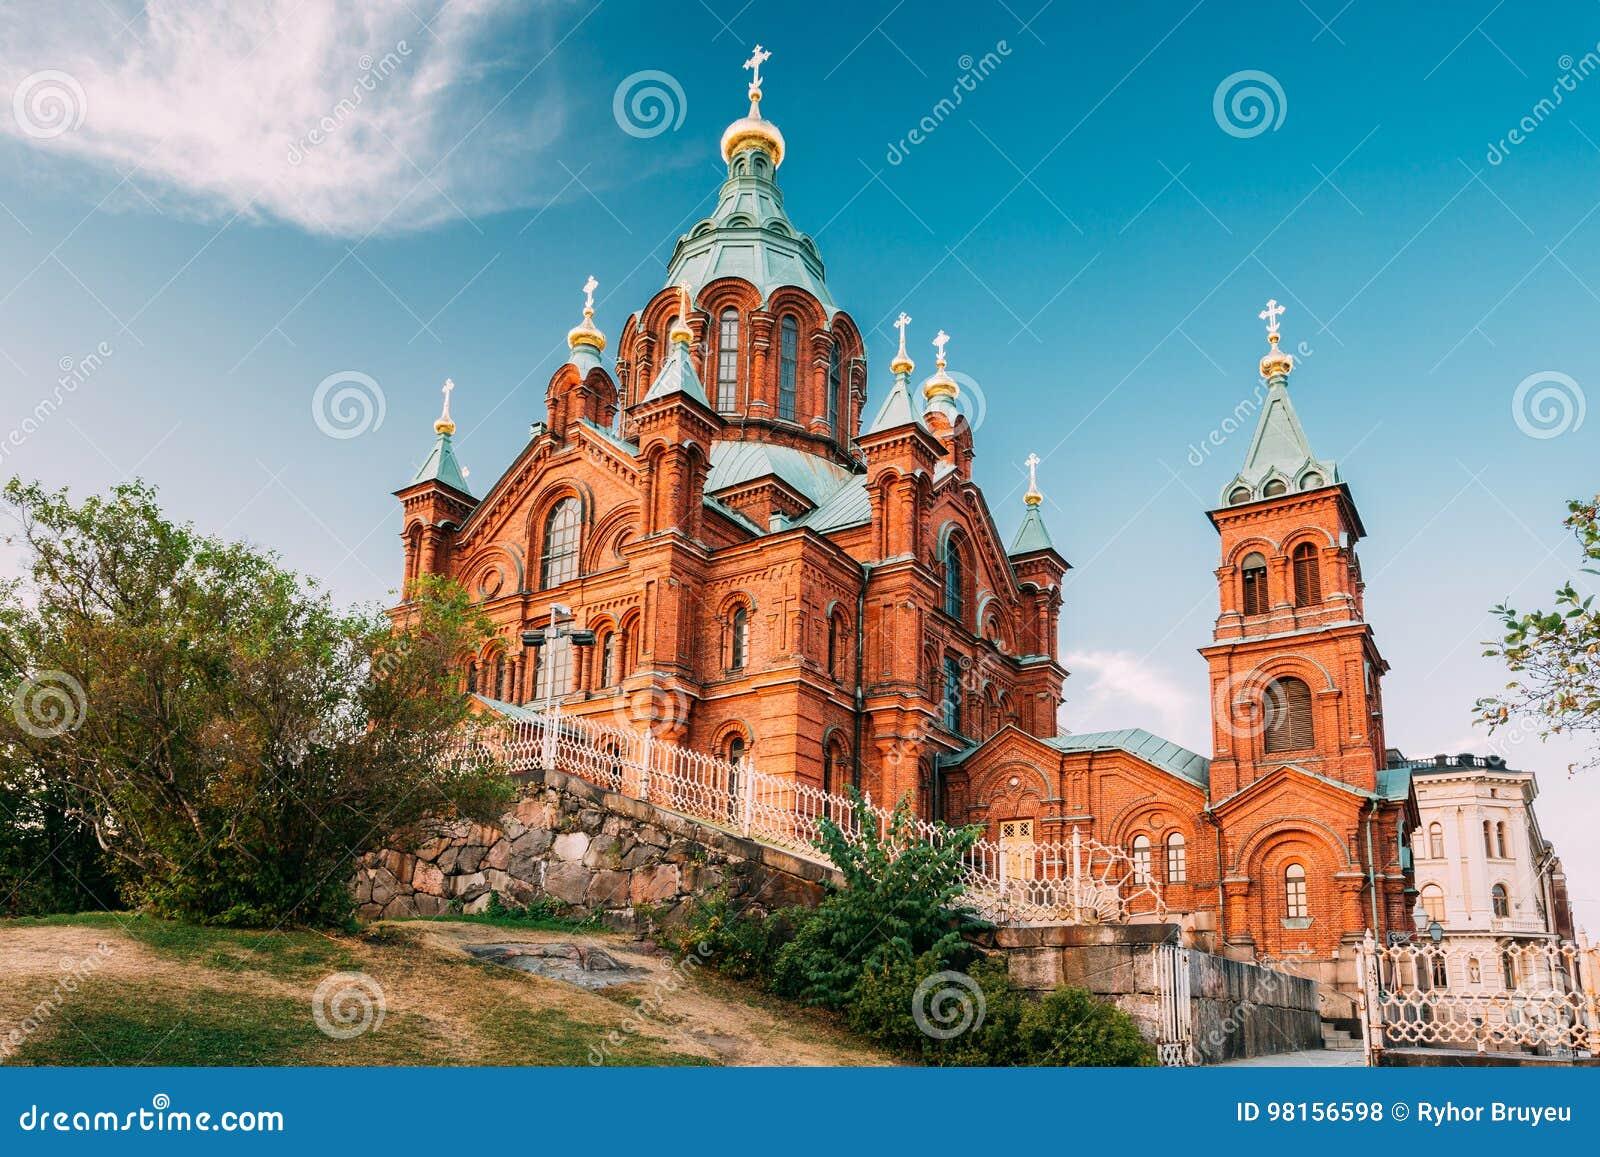 Ελσίνκι, Φινλανδία Ορθόδοξος καθεδρικός ναός Uspenski επάνω στη βουνοπλαγιά στη χερσόνησο Katajanokka που αγνοεί την πόλη